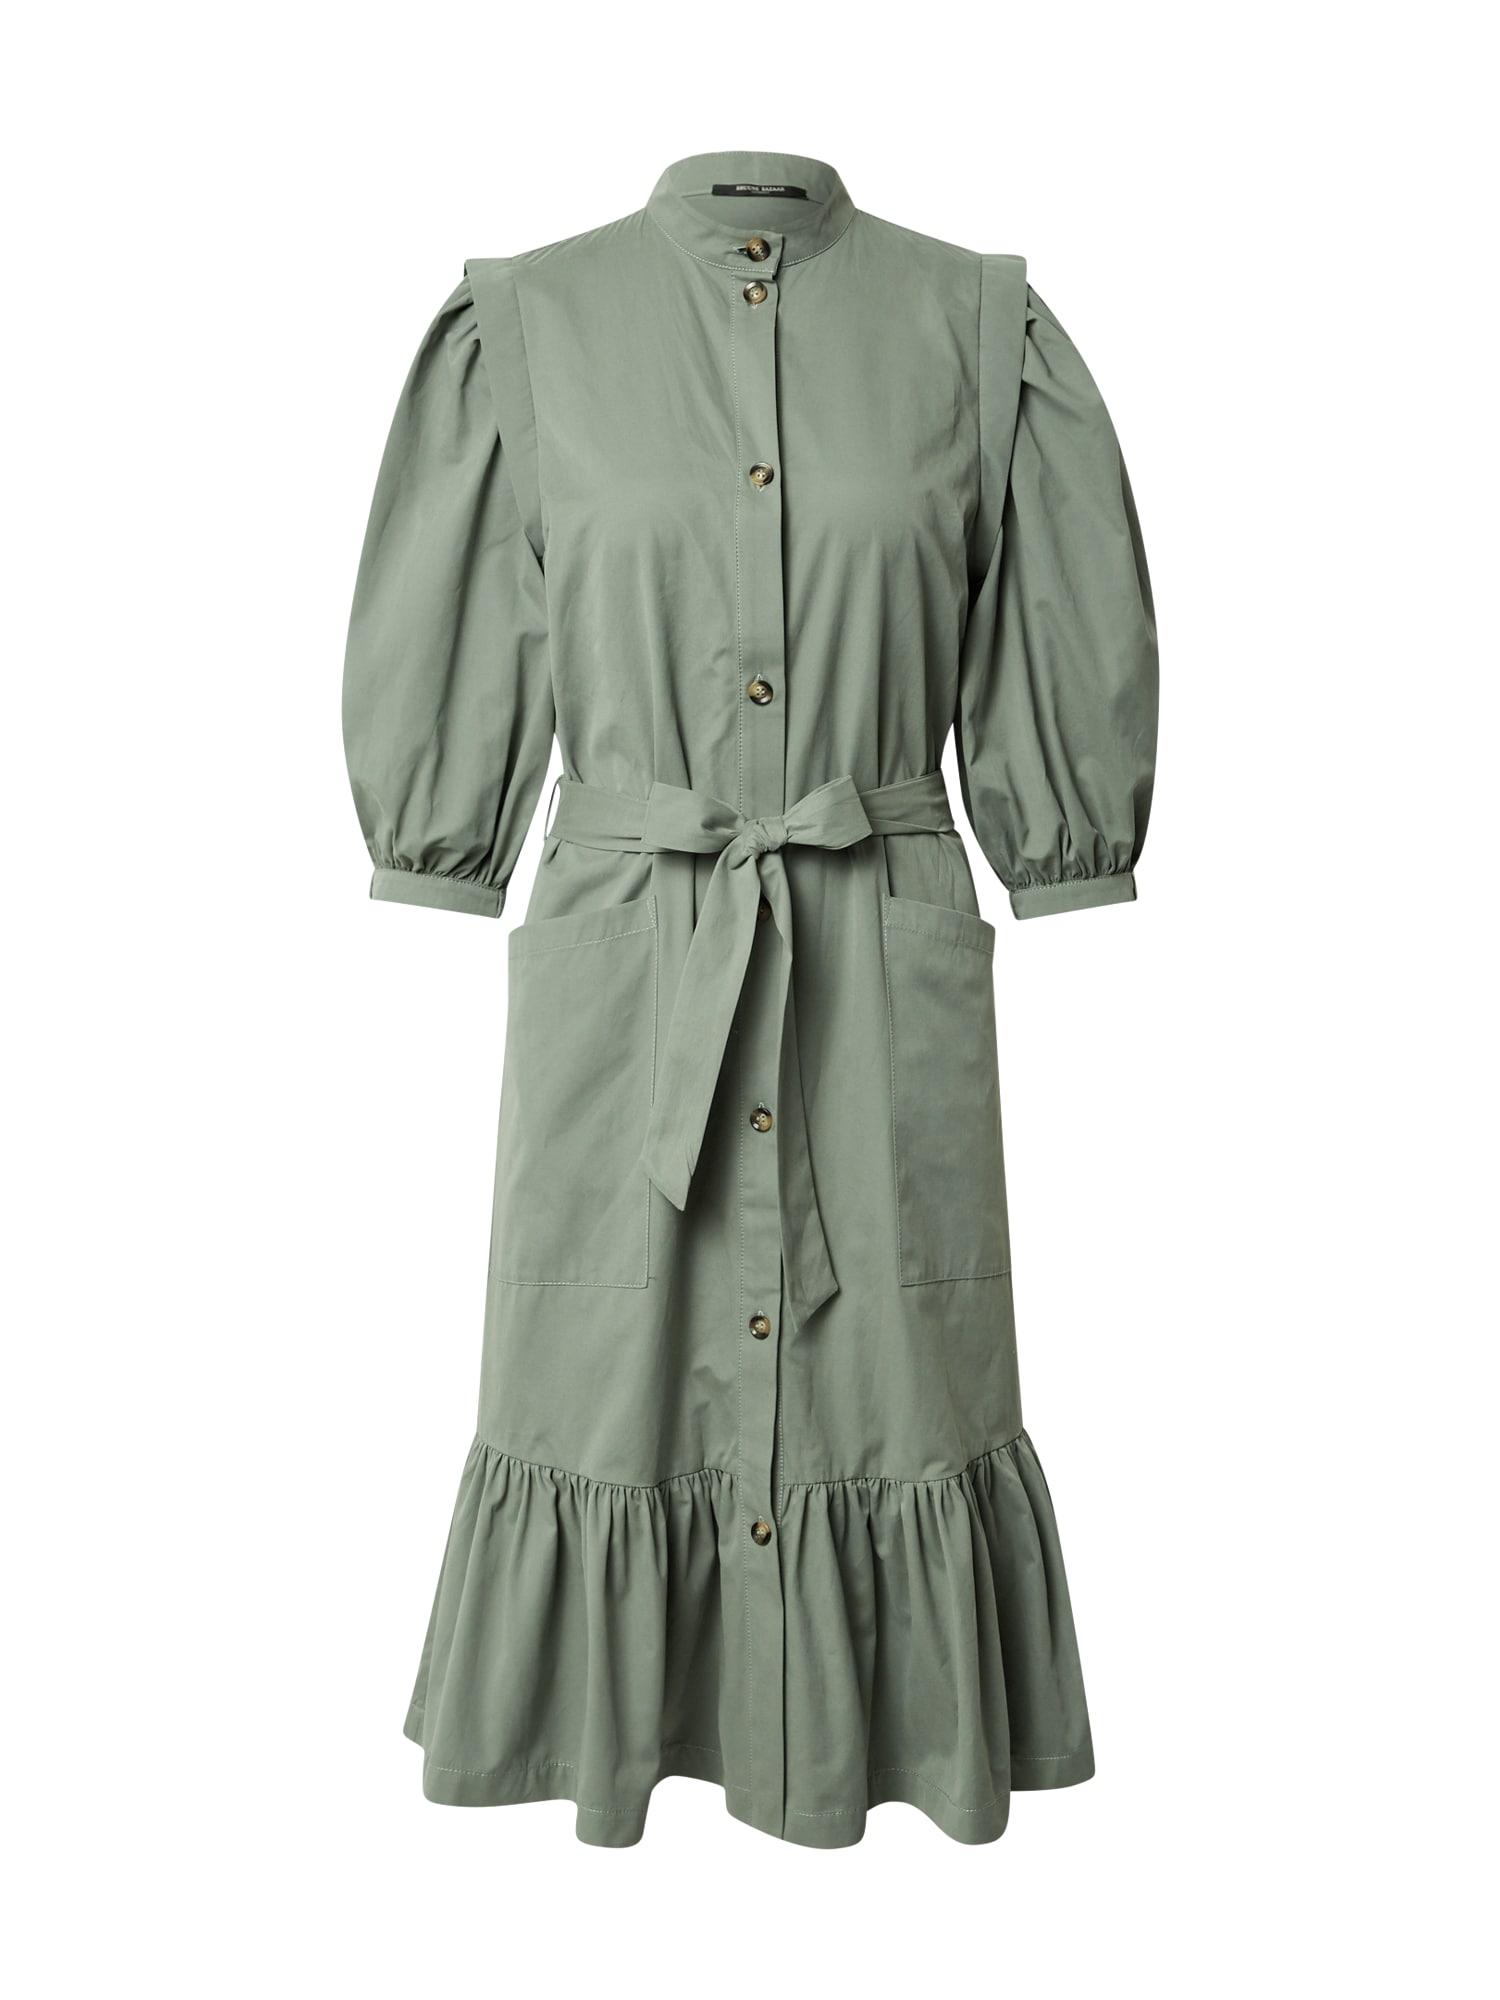 BRUUNS BAZAAR Palaidinės tipo suknelė alyvuogių spalva